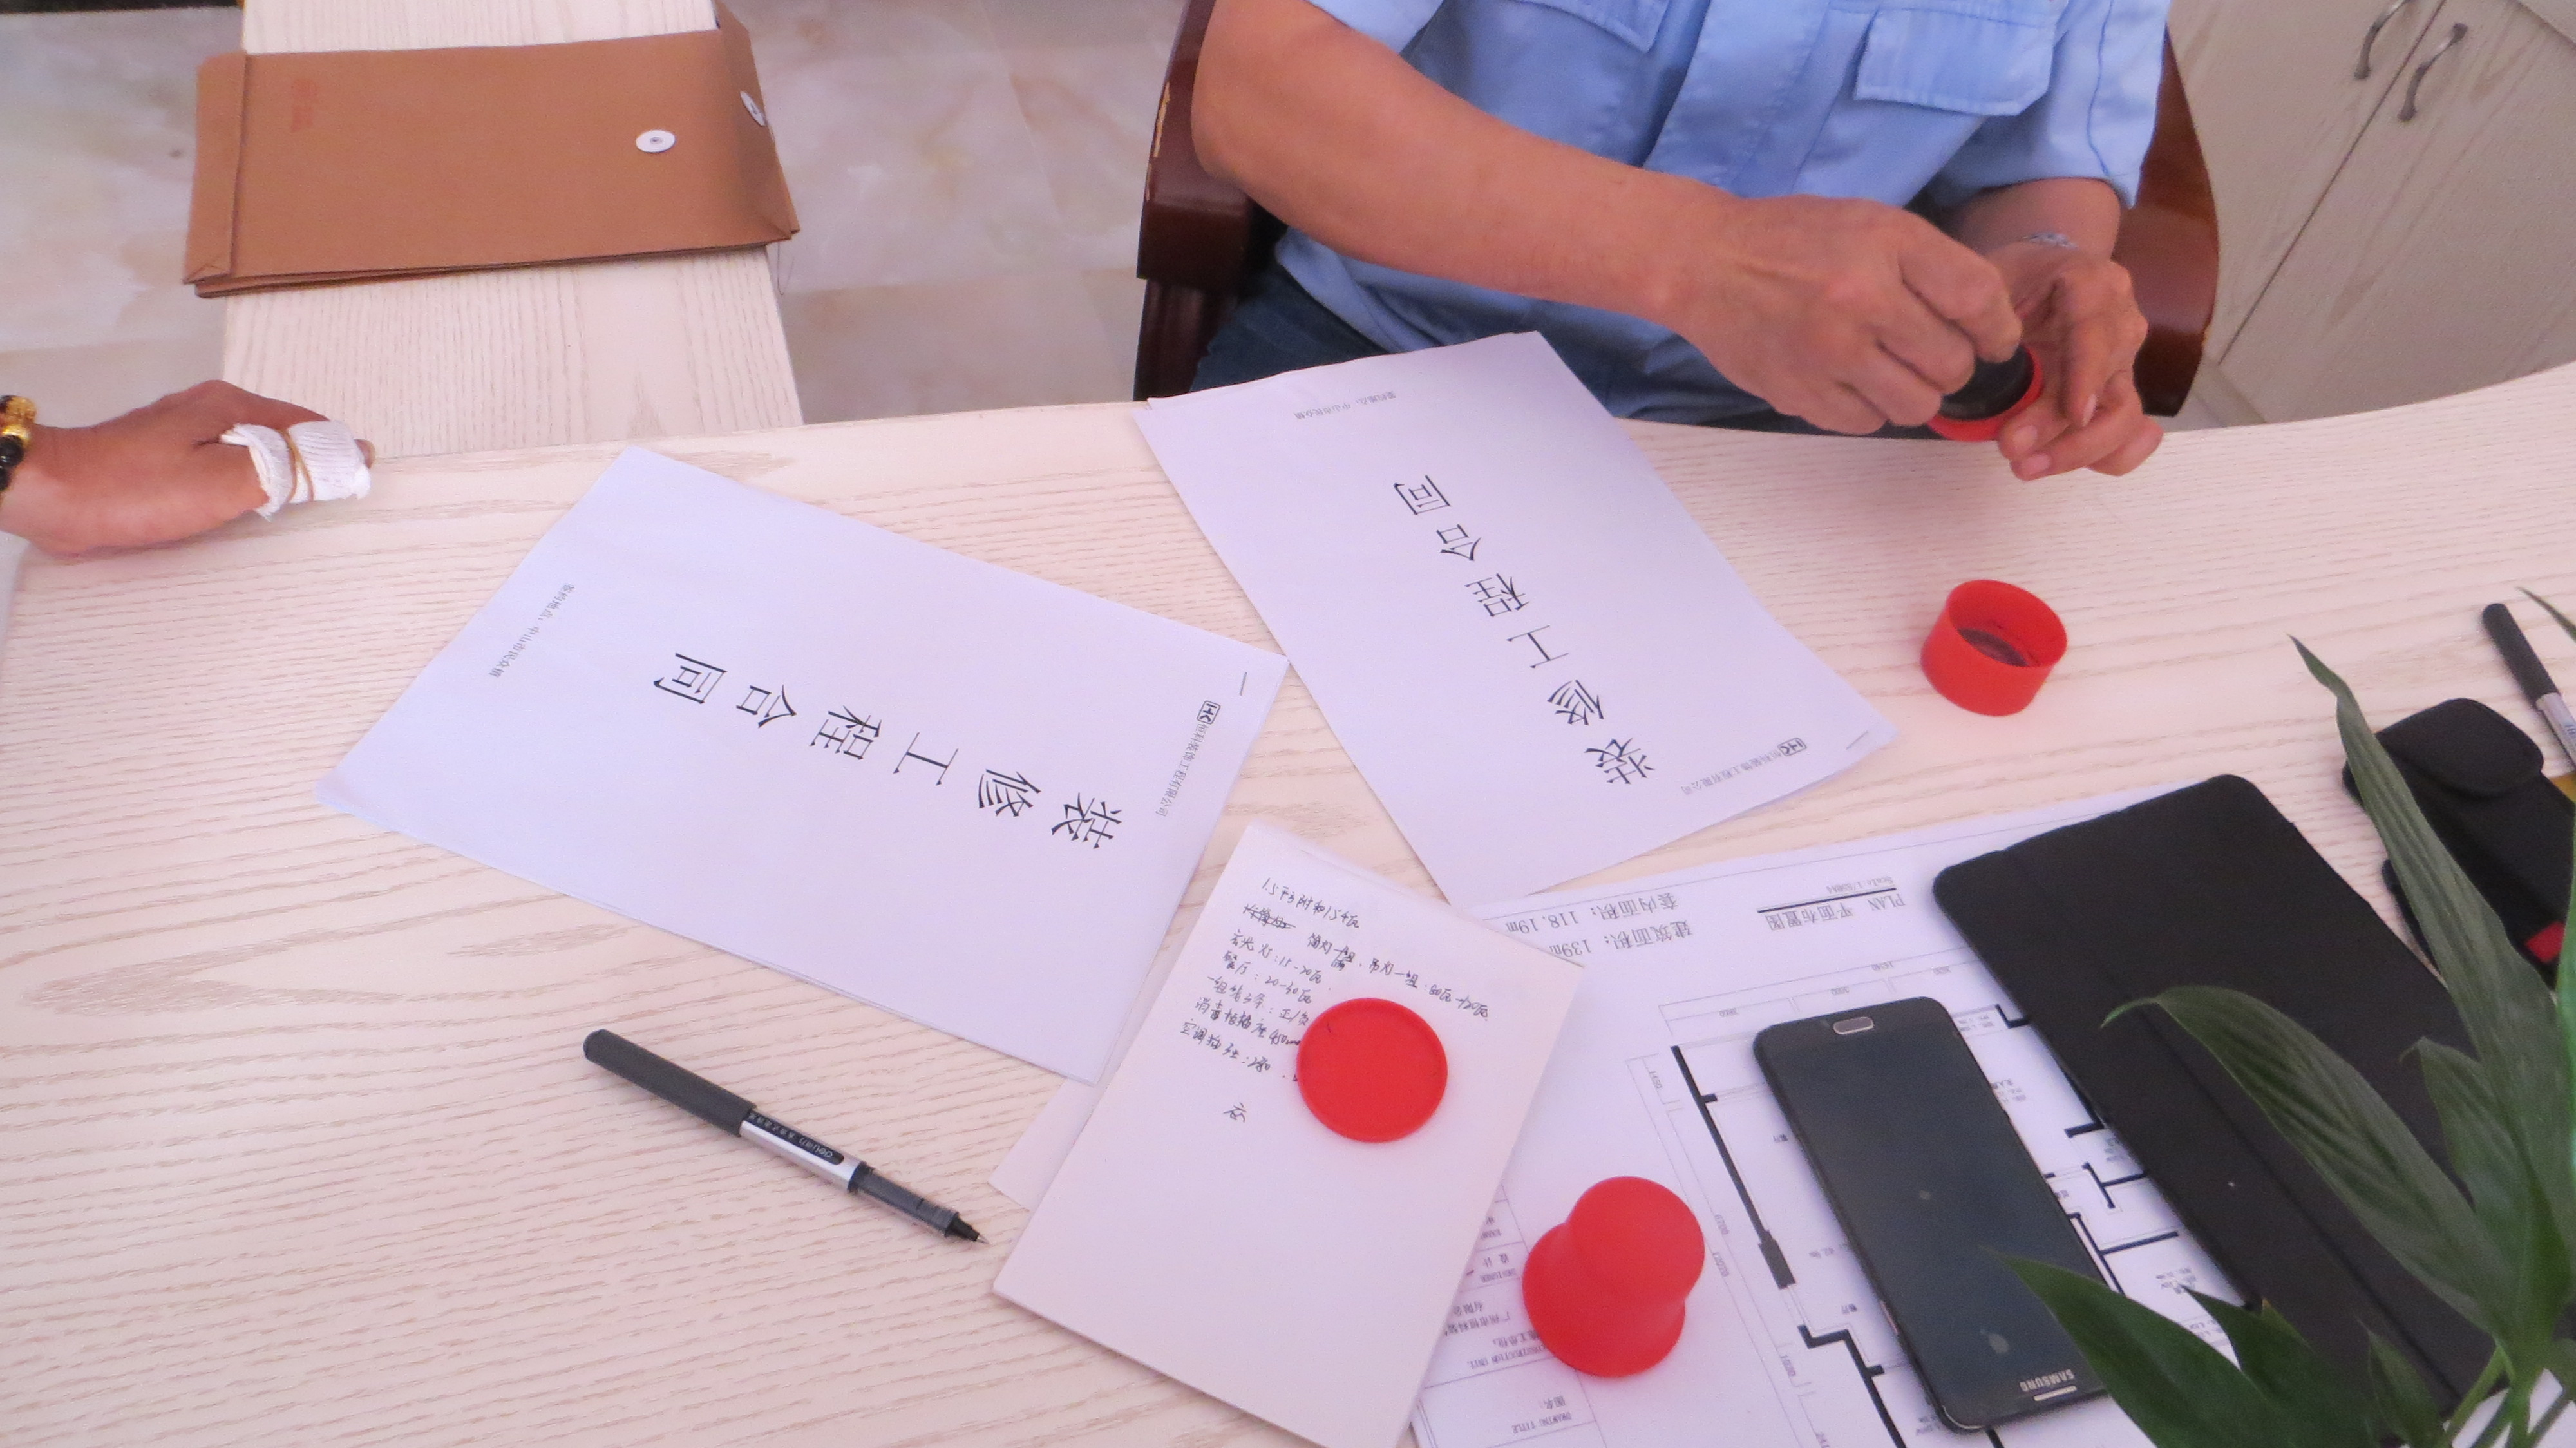 广州市恒科装饰工程有限公司中山分公司_国际人才网_job001.cn